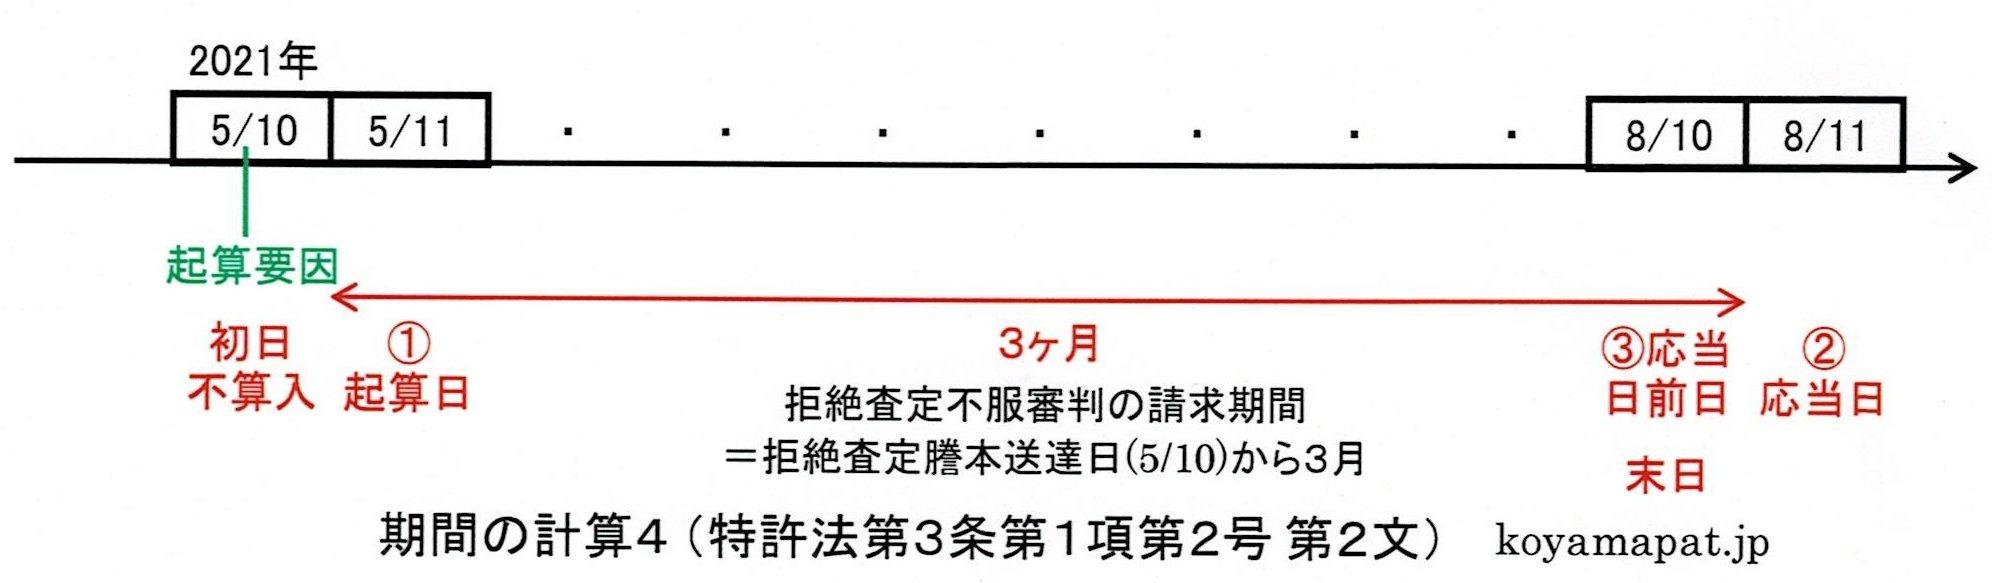 期間の計算4(特許法第3条第1項第2号第2文):月又は年の始から期間を起算しないときは、その期間は、最後の月又は年においてその起算日に応当する日の前日に満了する(初日、起算日、応当日、満了日の関係)